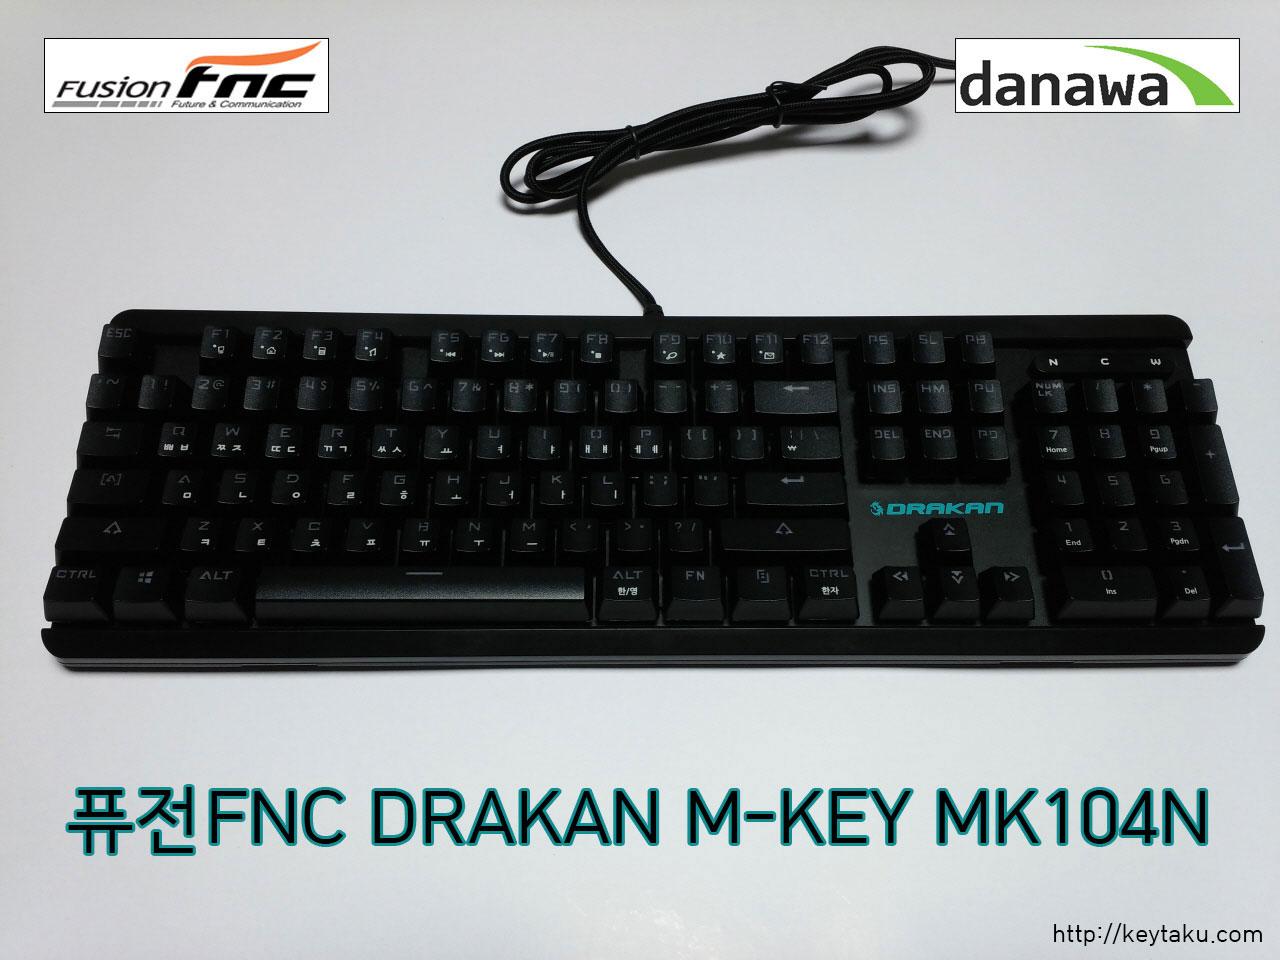 퓨전FNC DRAKAN M-KEY MK104N 적축